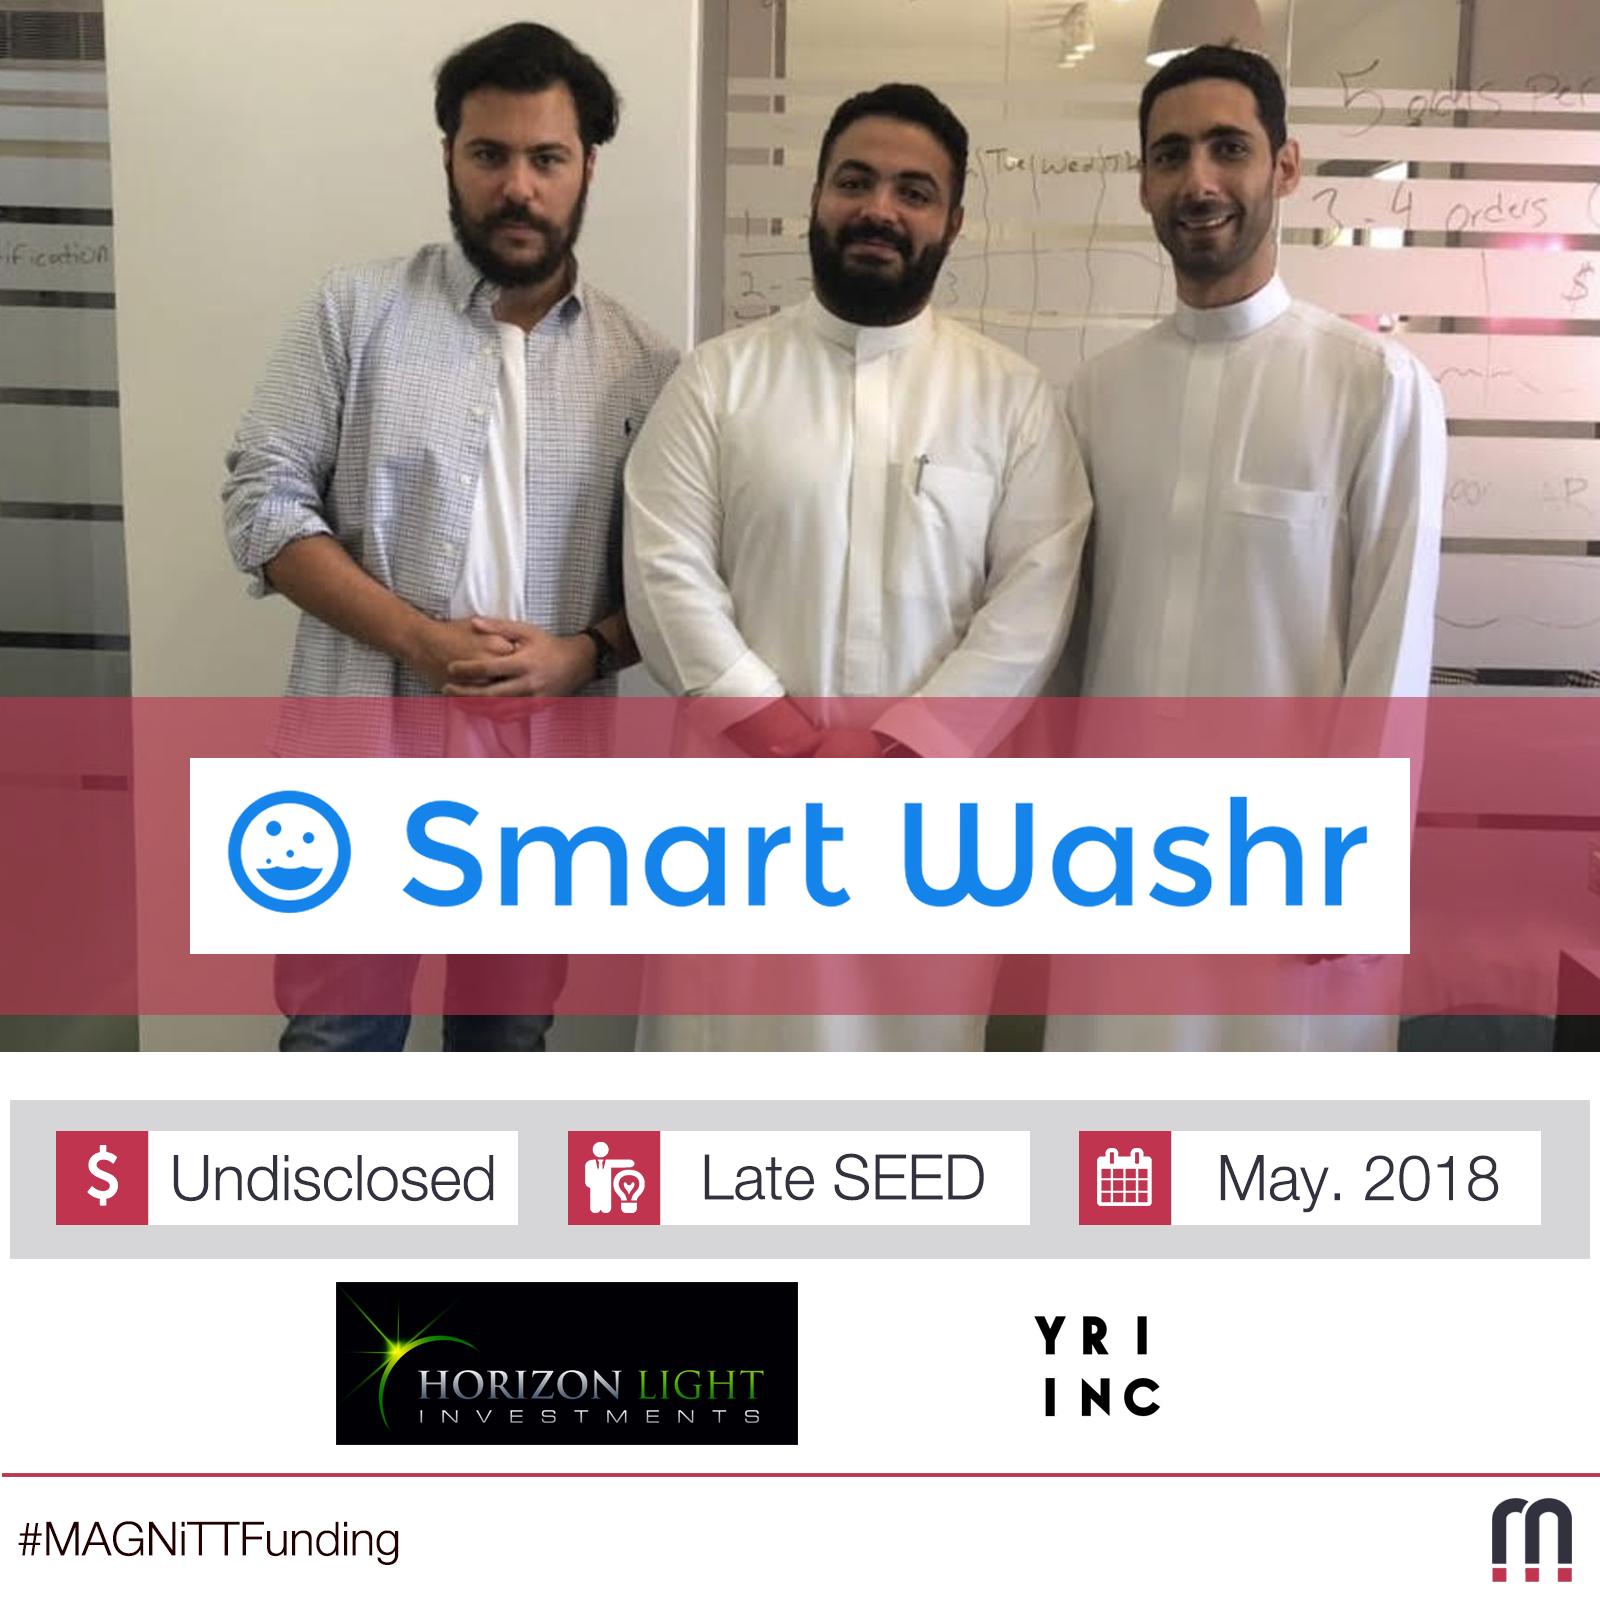 Jeddah-Based Startup Smart Washr Raises Late-SEED Funding Round